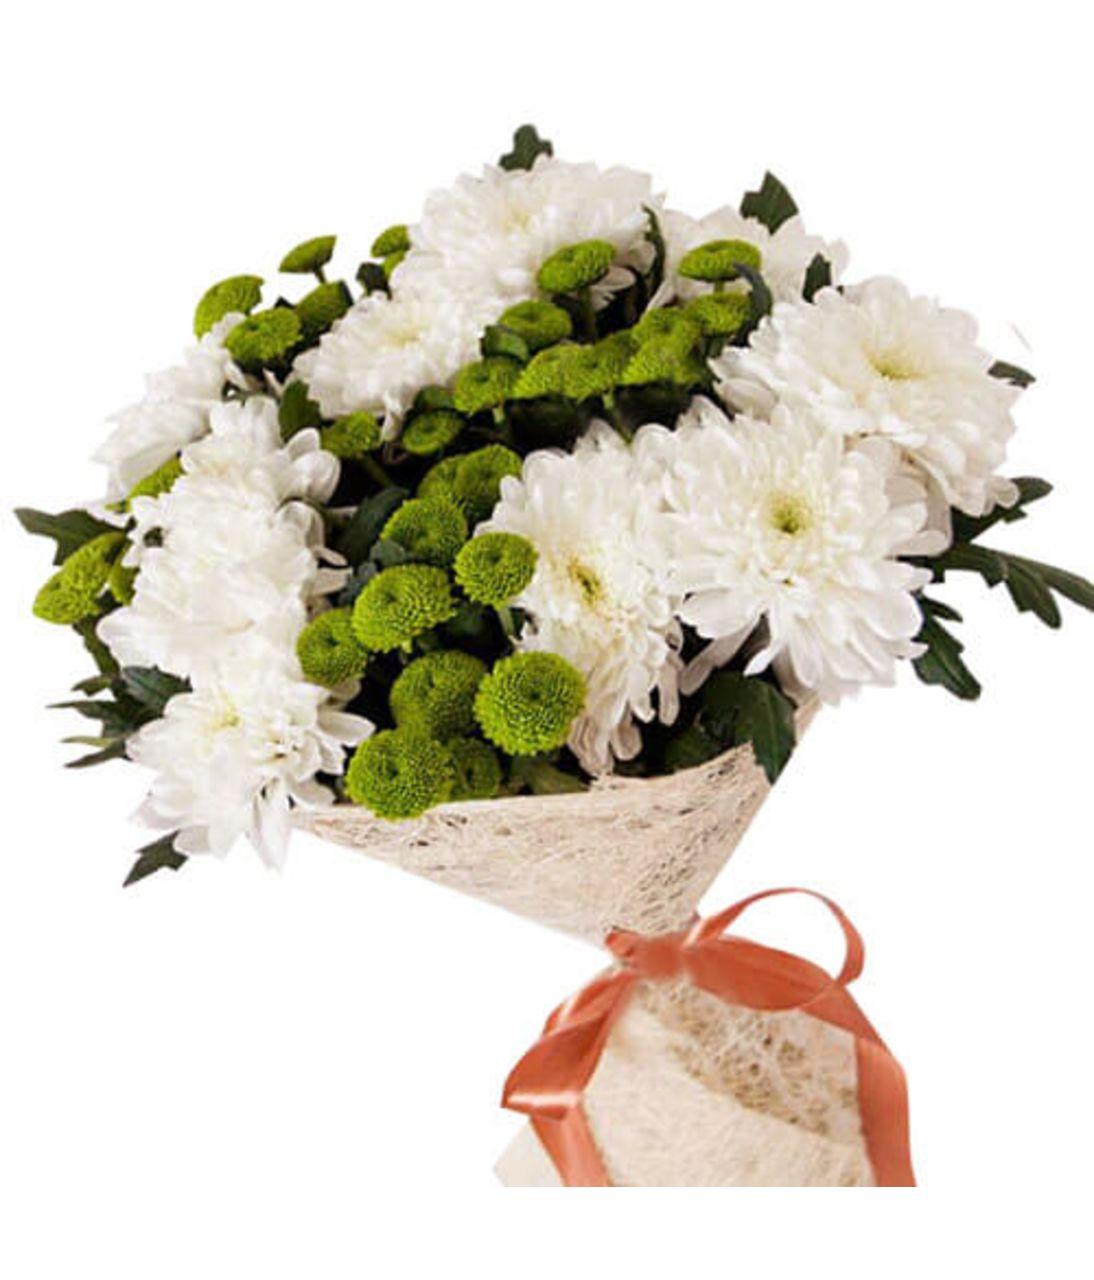 Букет з білих хризантем. Superflowers.com.ua. Інтернет-магазин квітів Супер Фловерс